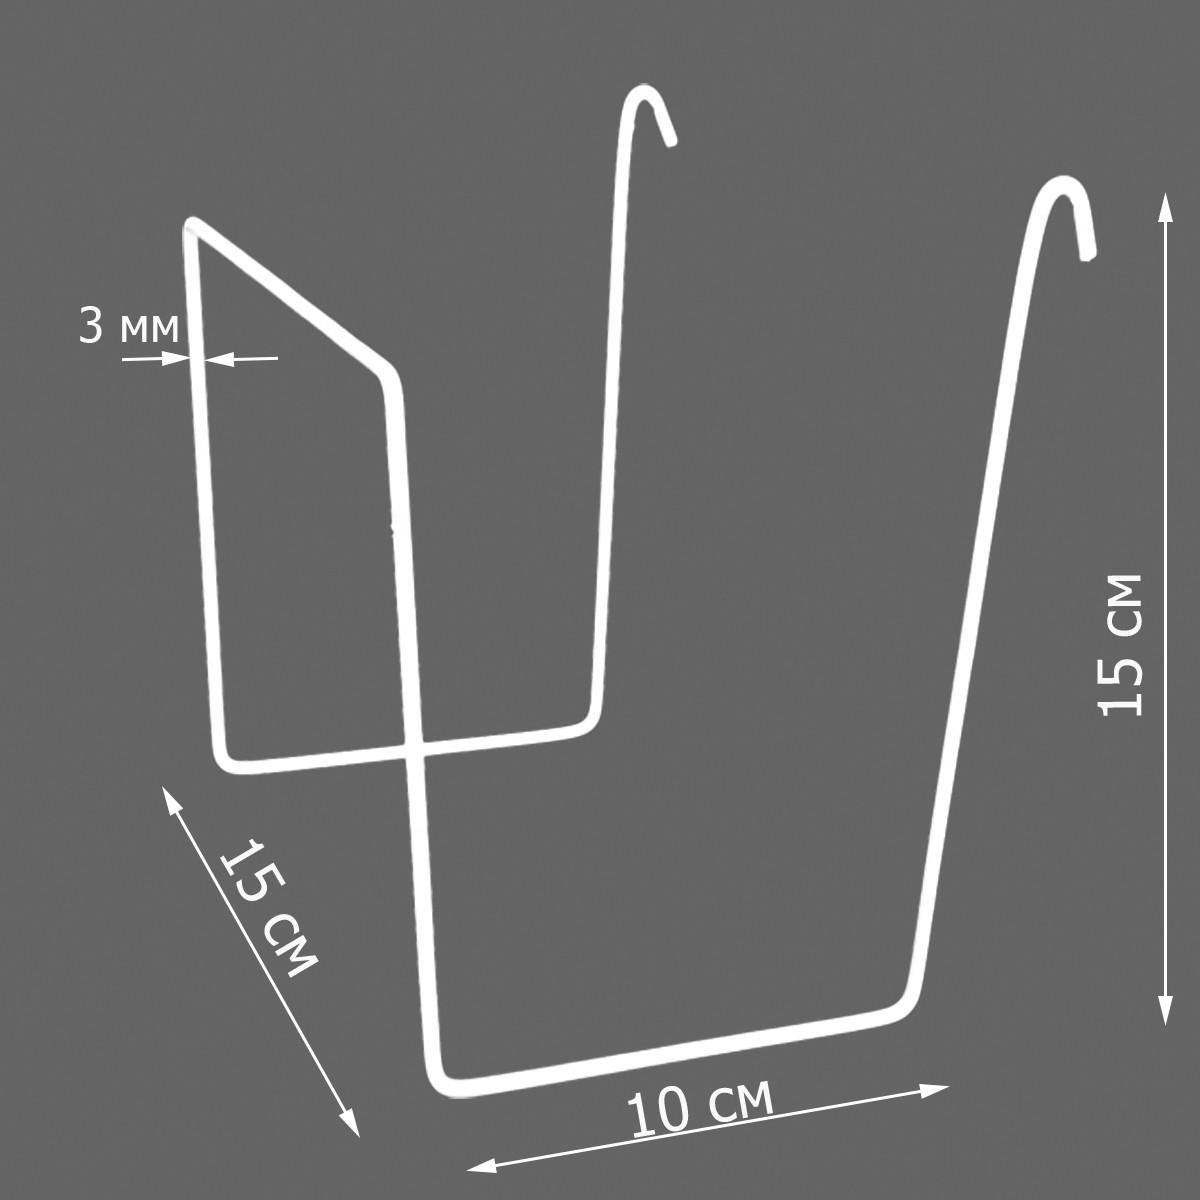 Карман (крючок) на сетку широкий Ø 3